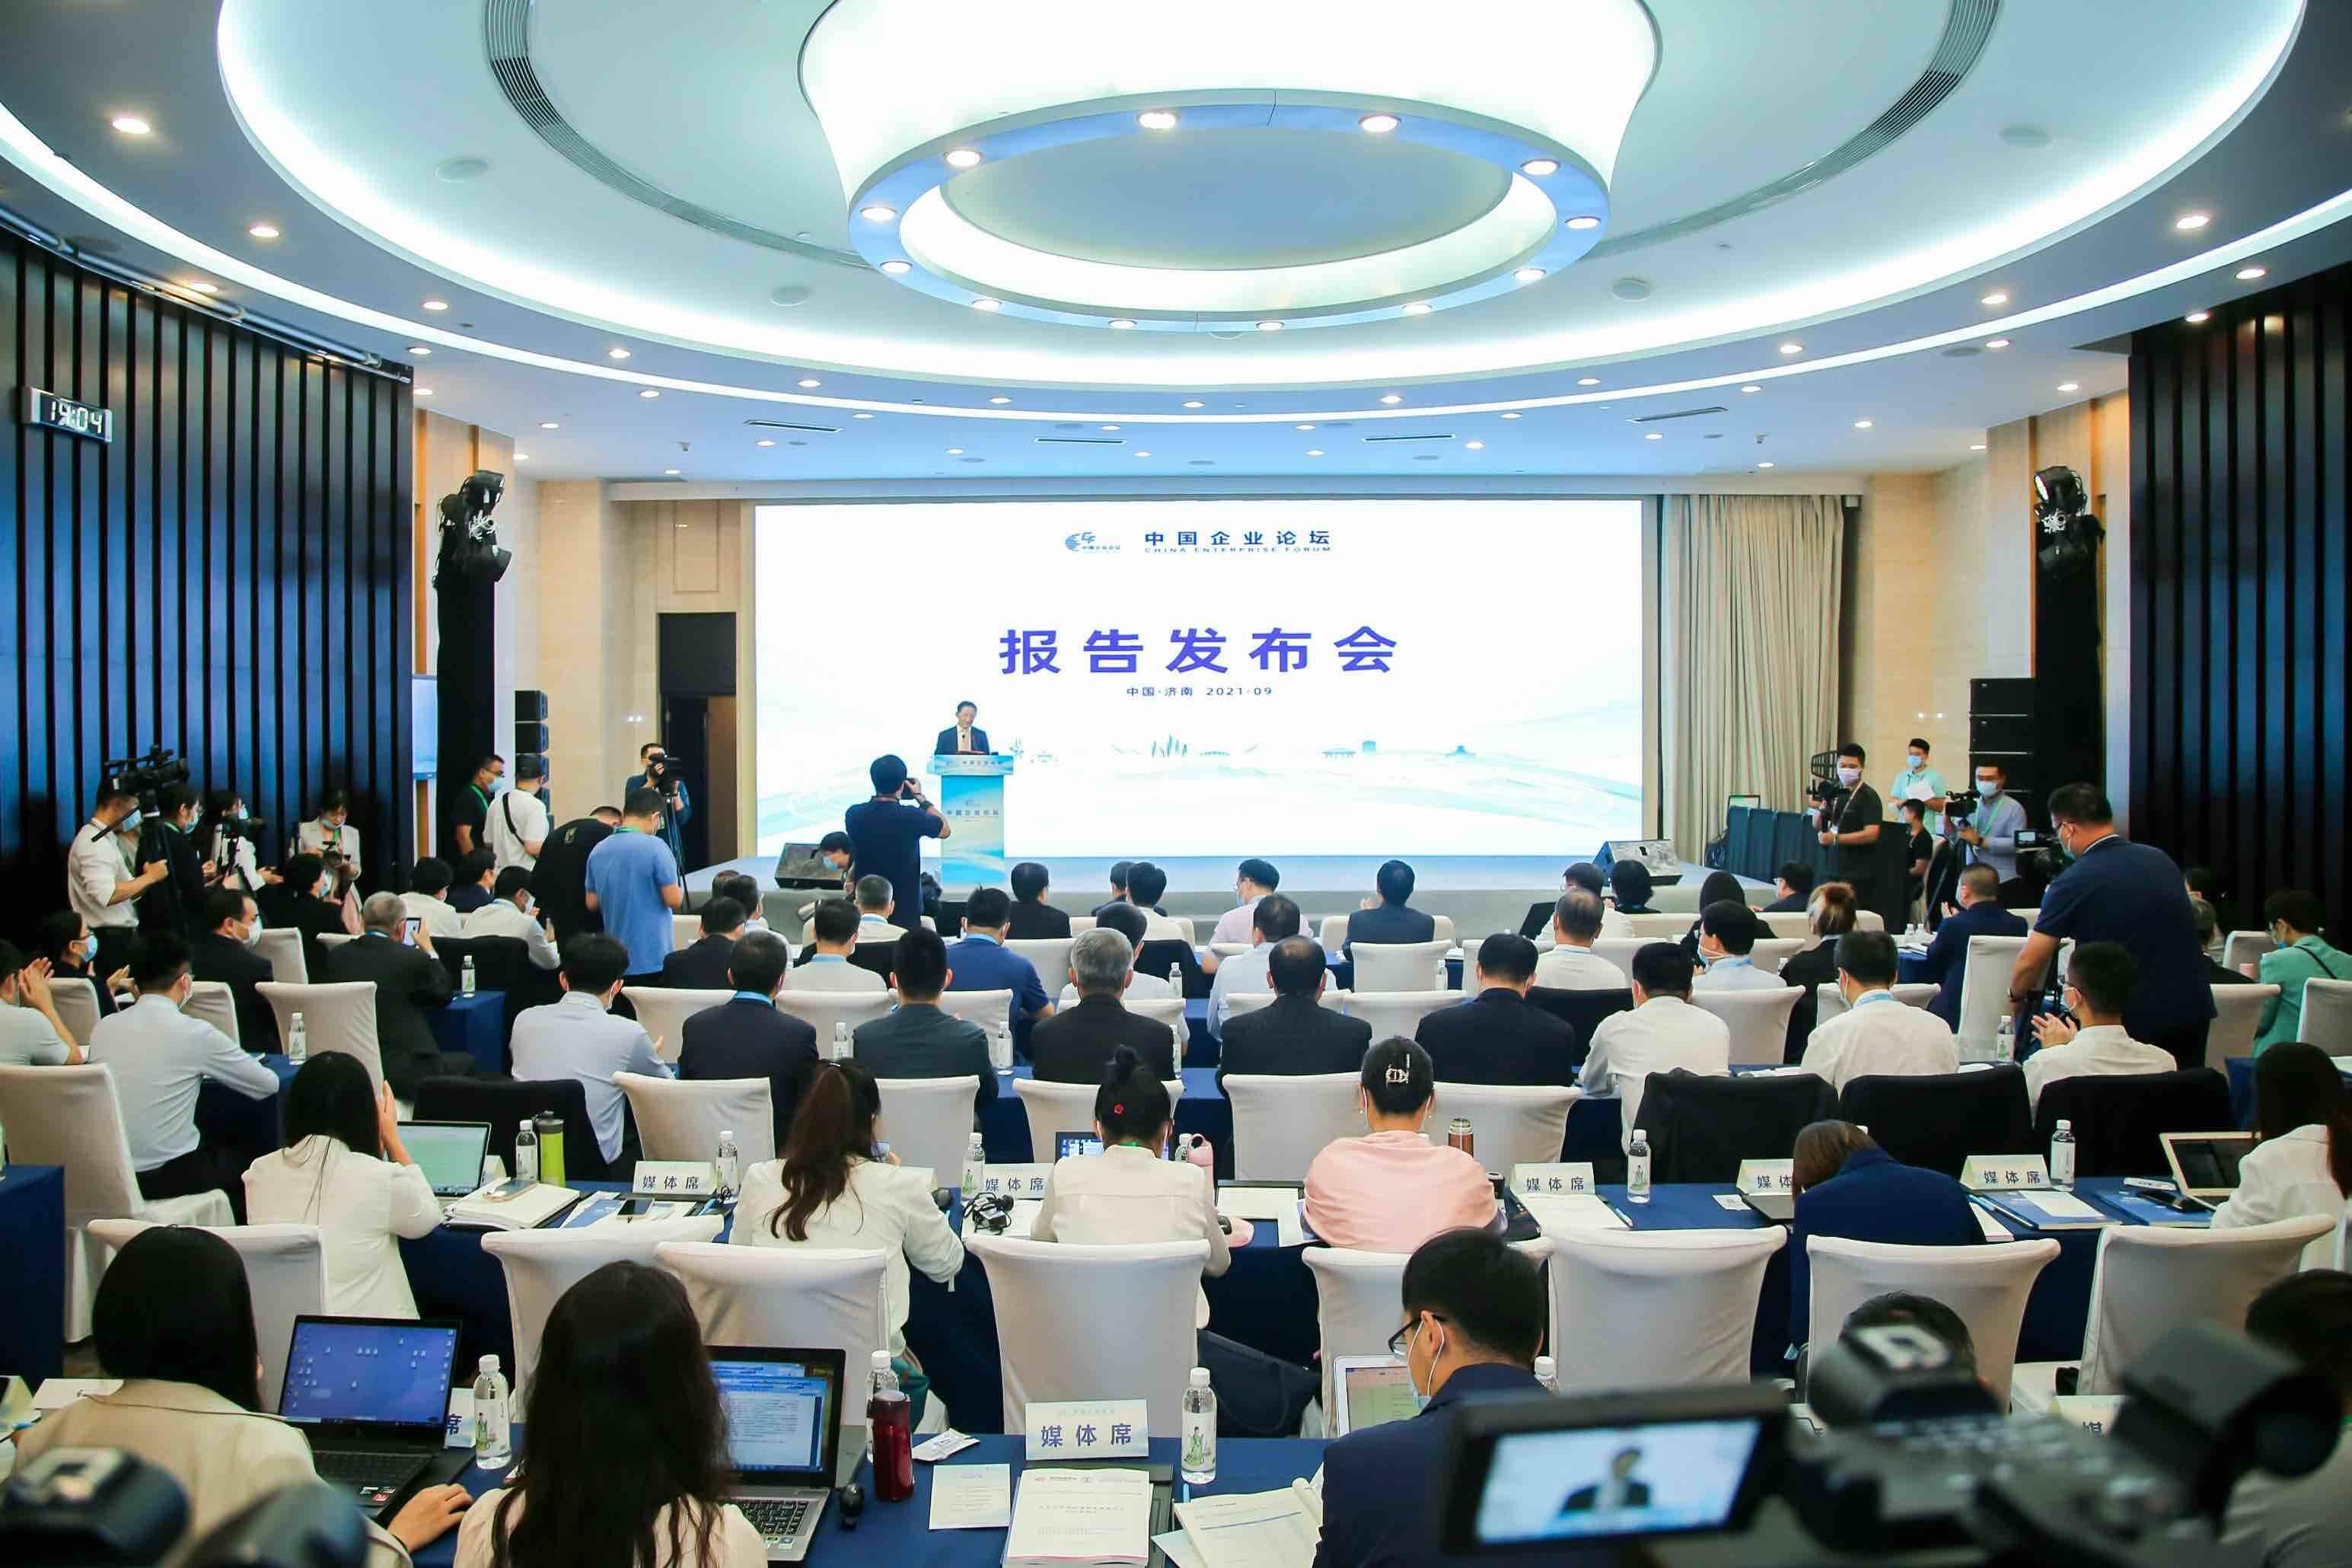 聚焦新发展格局下的中国企业成长之路 中国企业论坛发布六份重磅报告